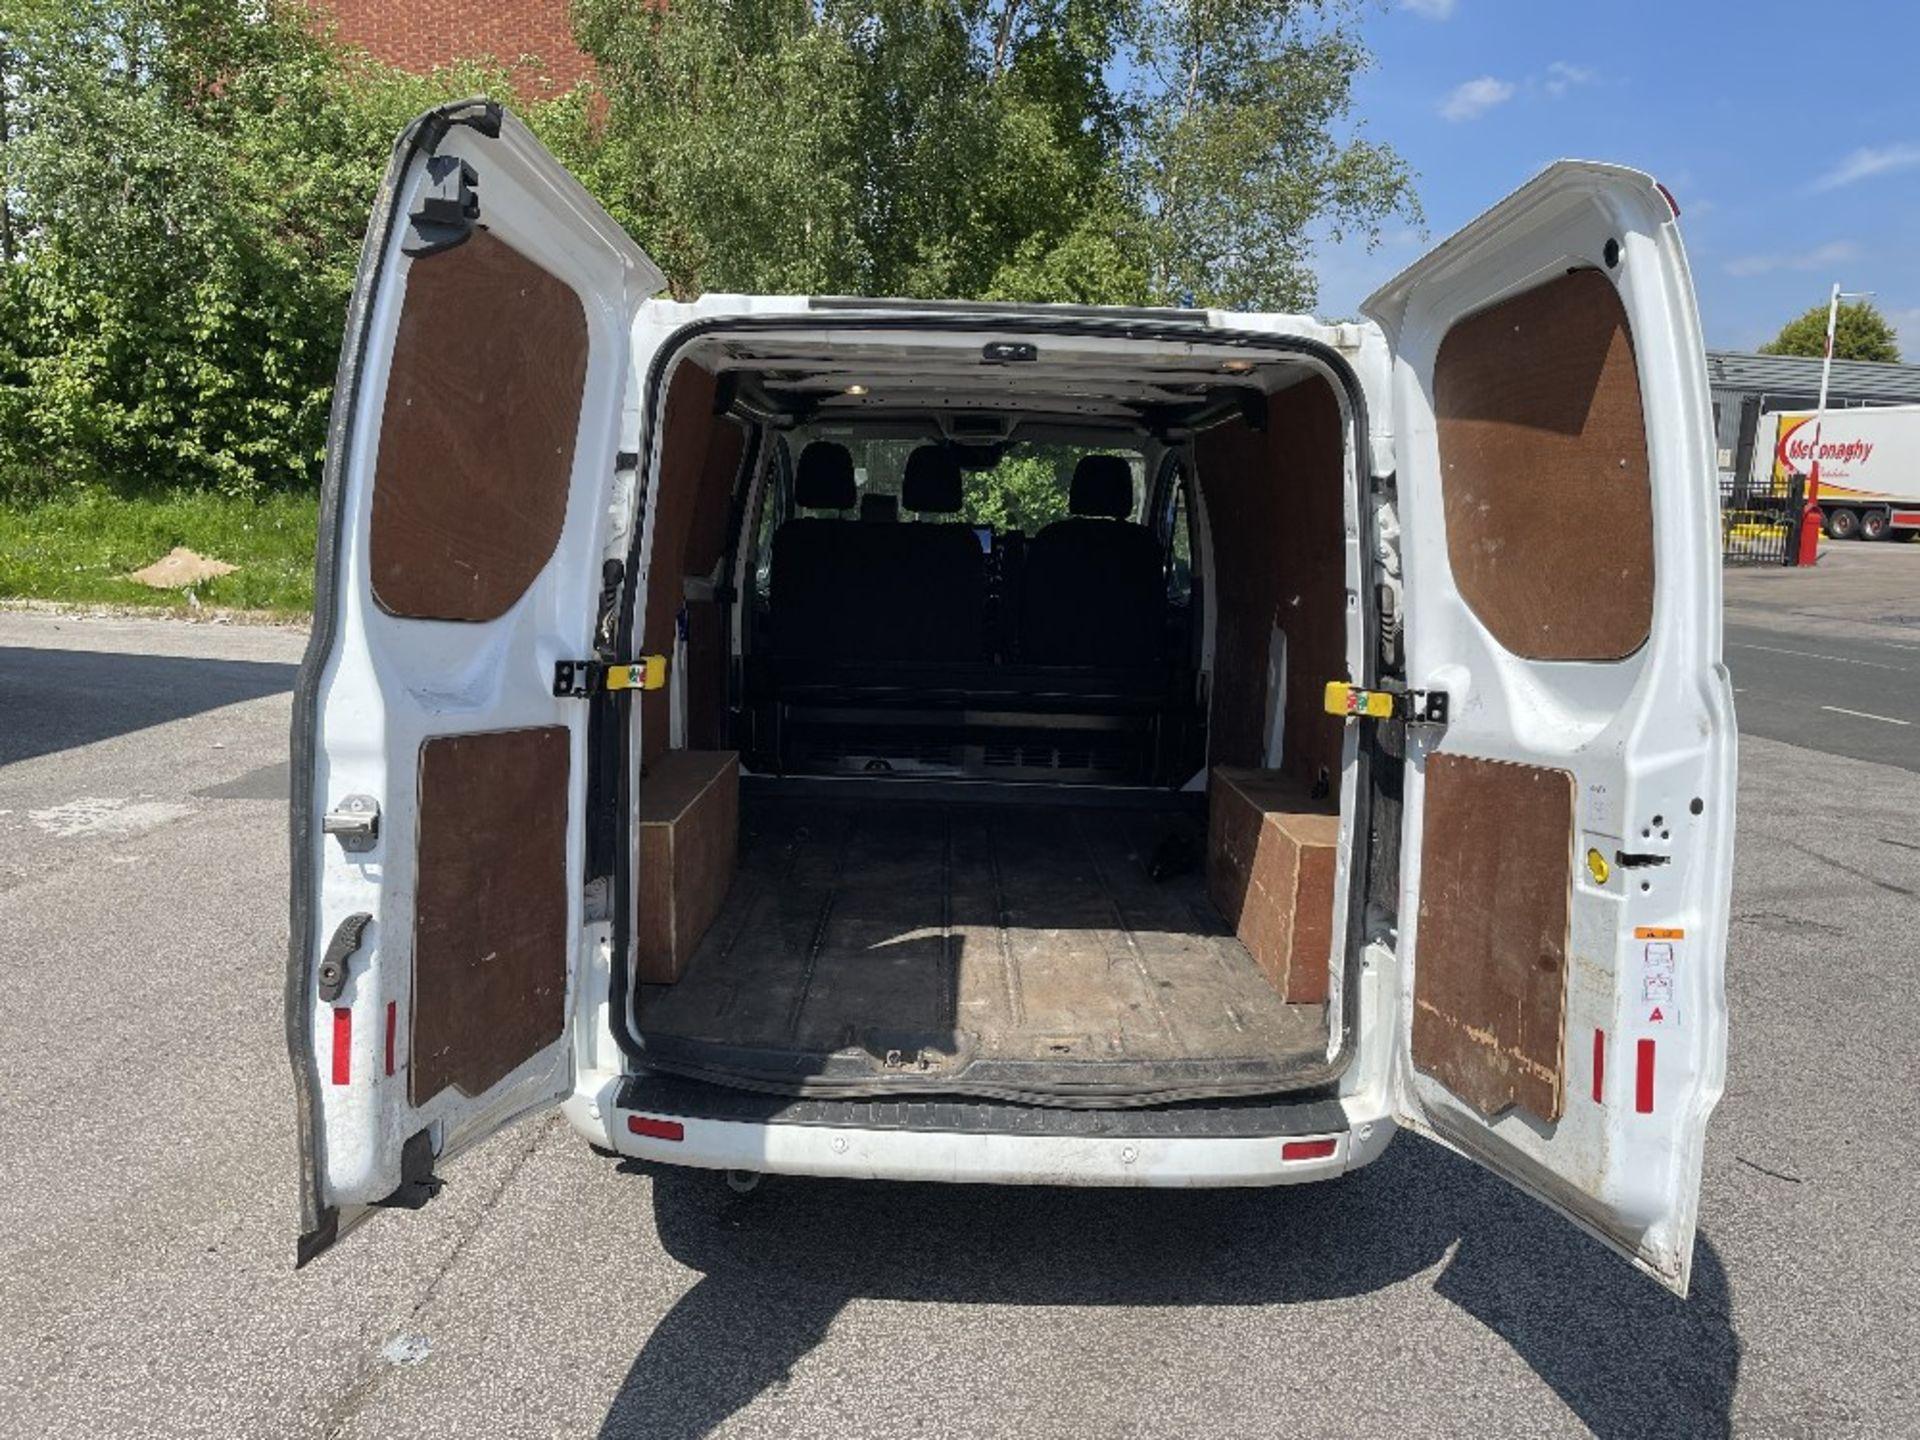 Ford Transit Custom 300 Limite Diesel Panel Van | 18 Plate | 35,672 Miles - Image 7 of 15